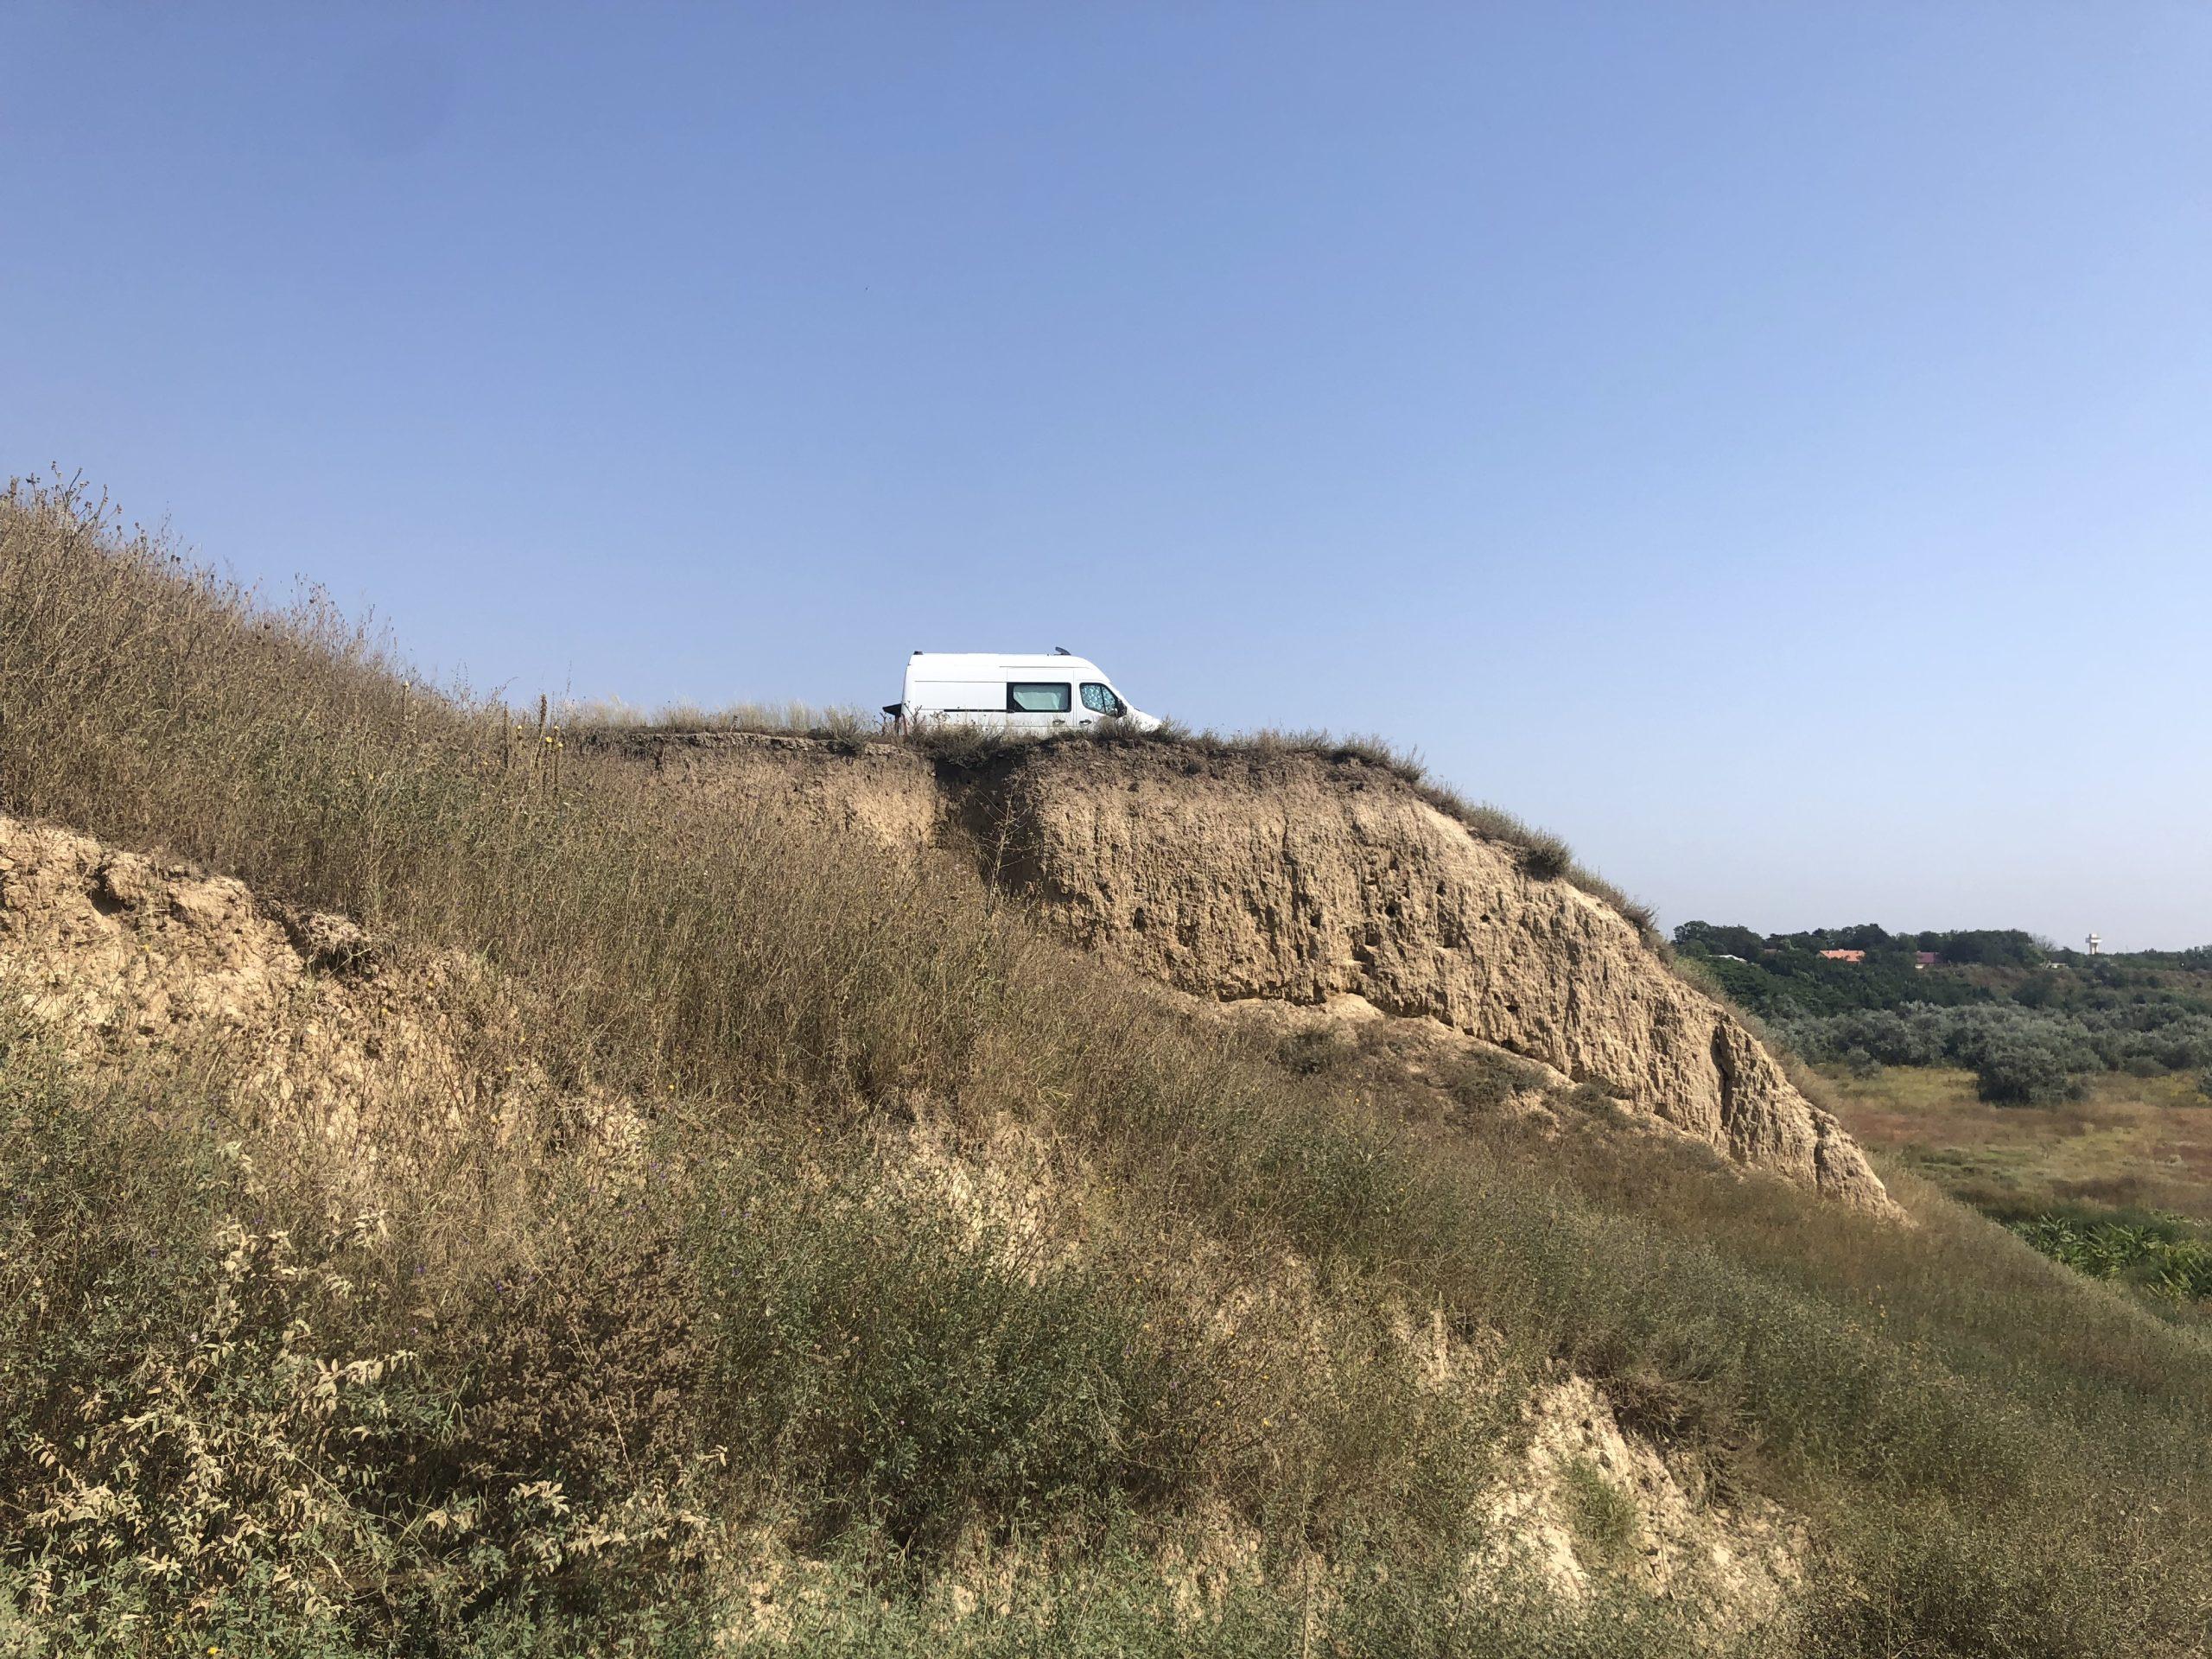 De buscamper parkeren op de kliffen bij Plaja Corbu